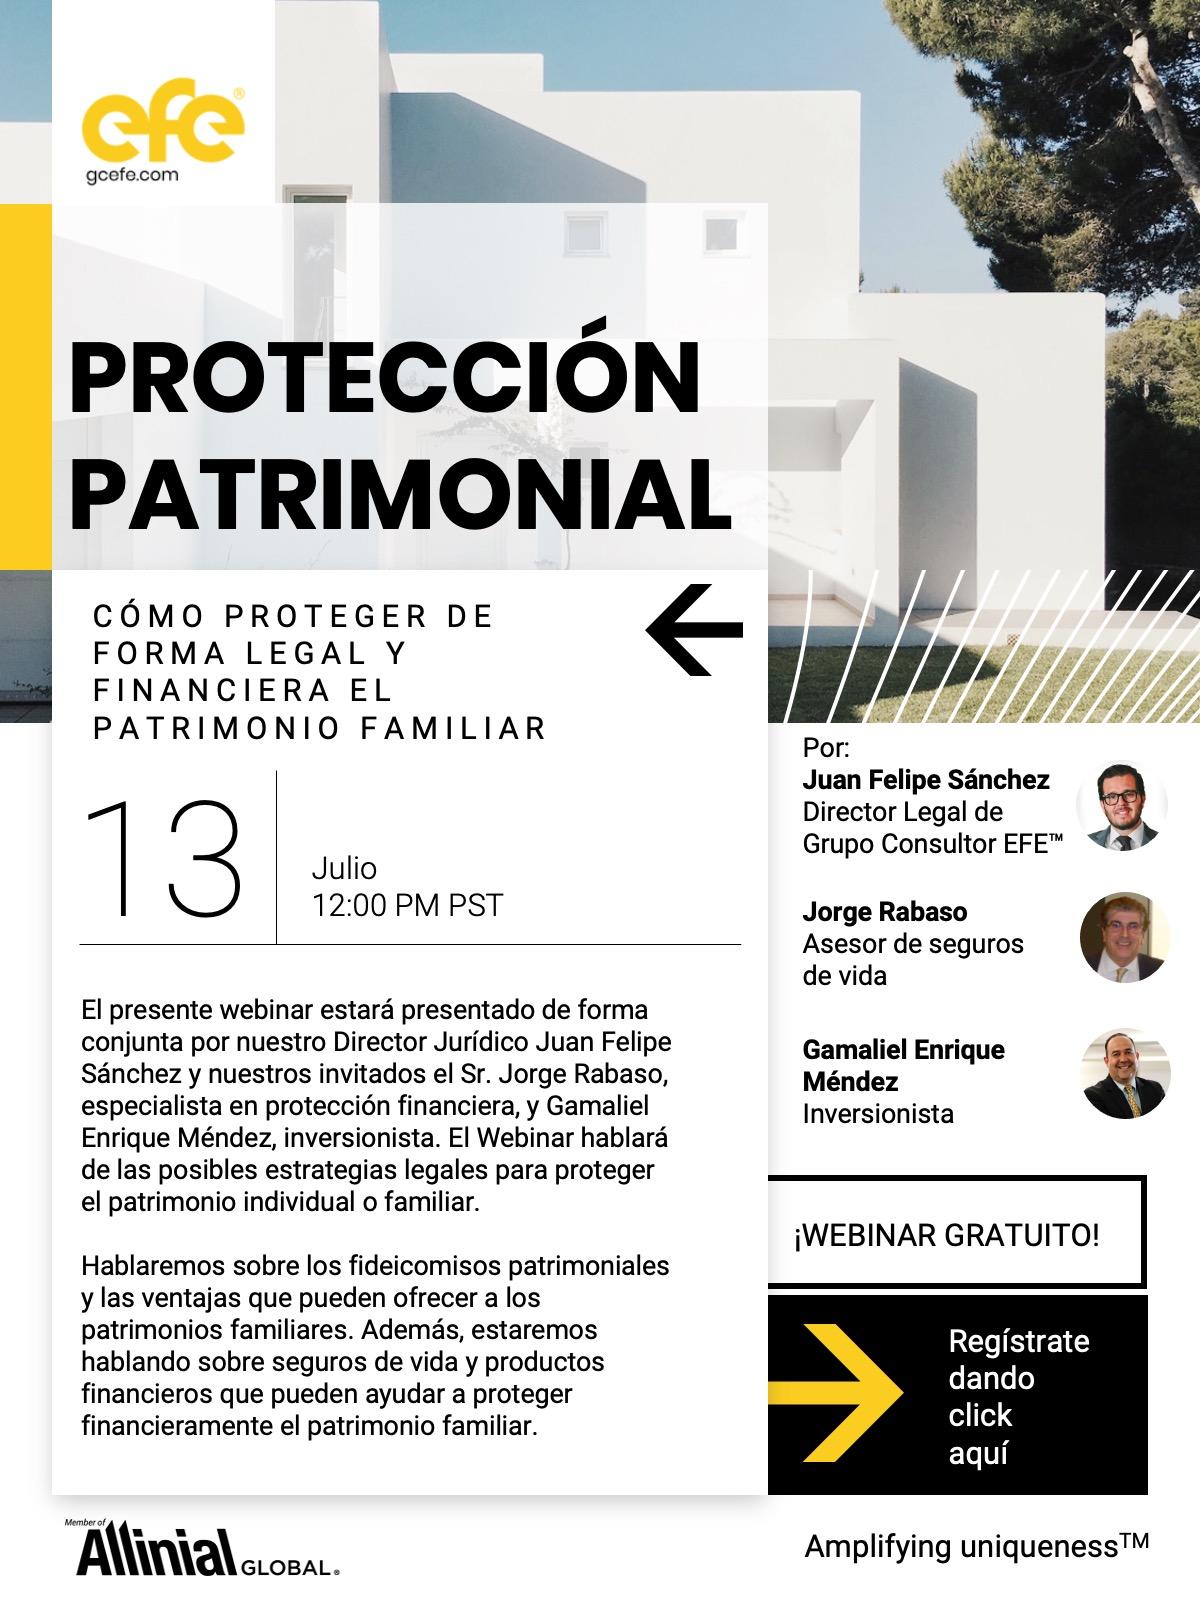 Protección Patrimonial: Cómo Proteger De Forma Legal Y Financiera El Patrimonio Familiar